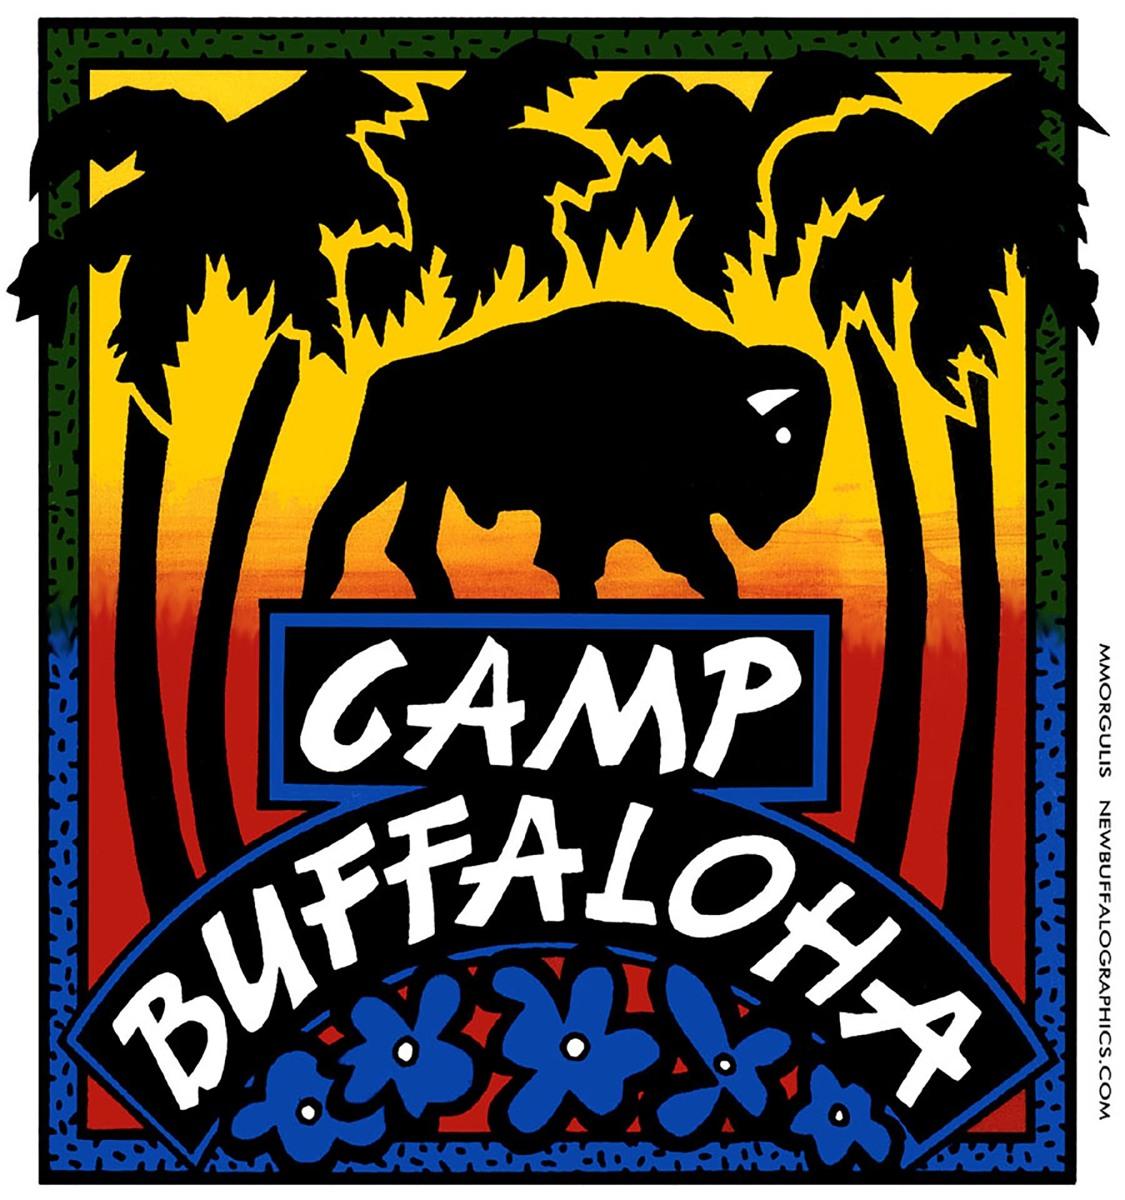 Camp Buffaloha (large view)